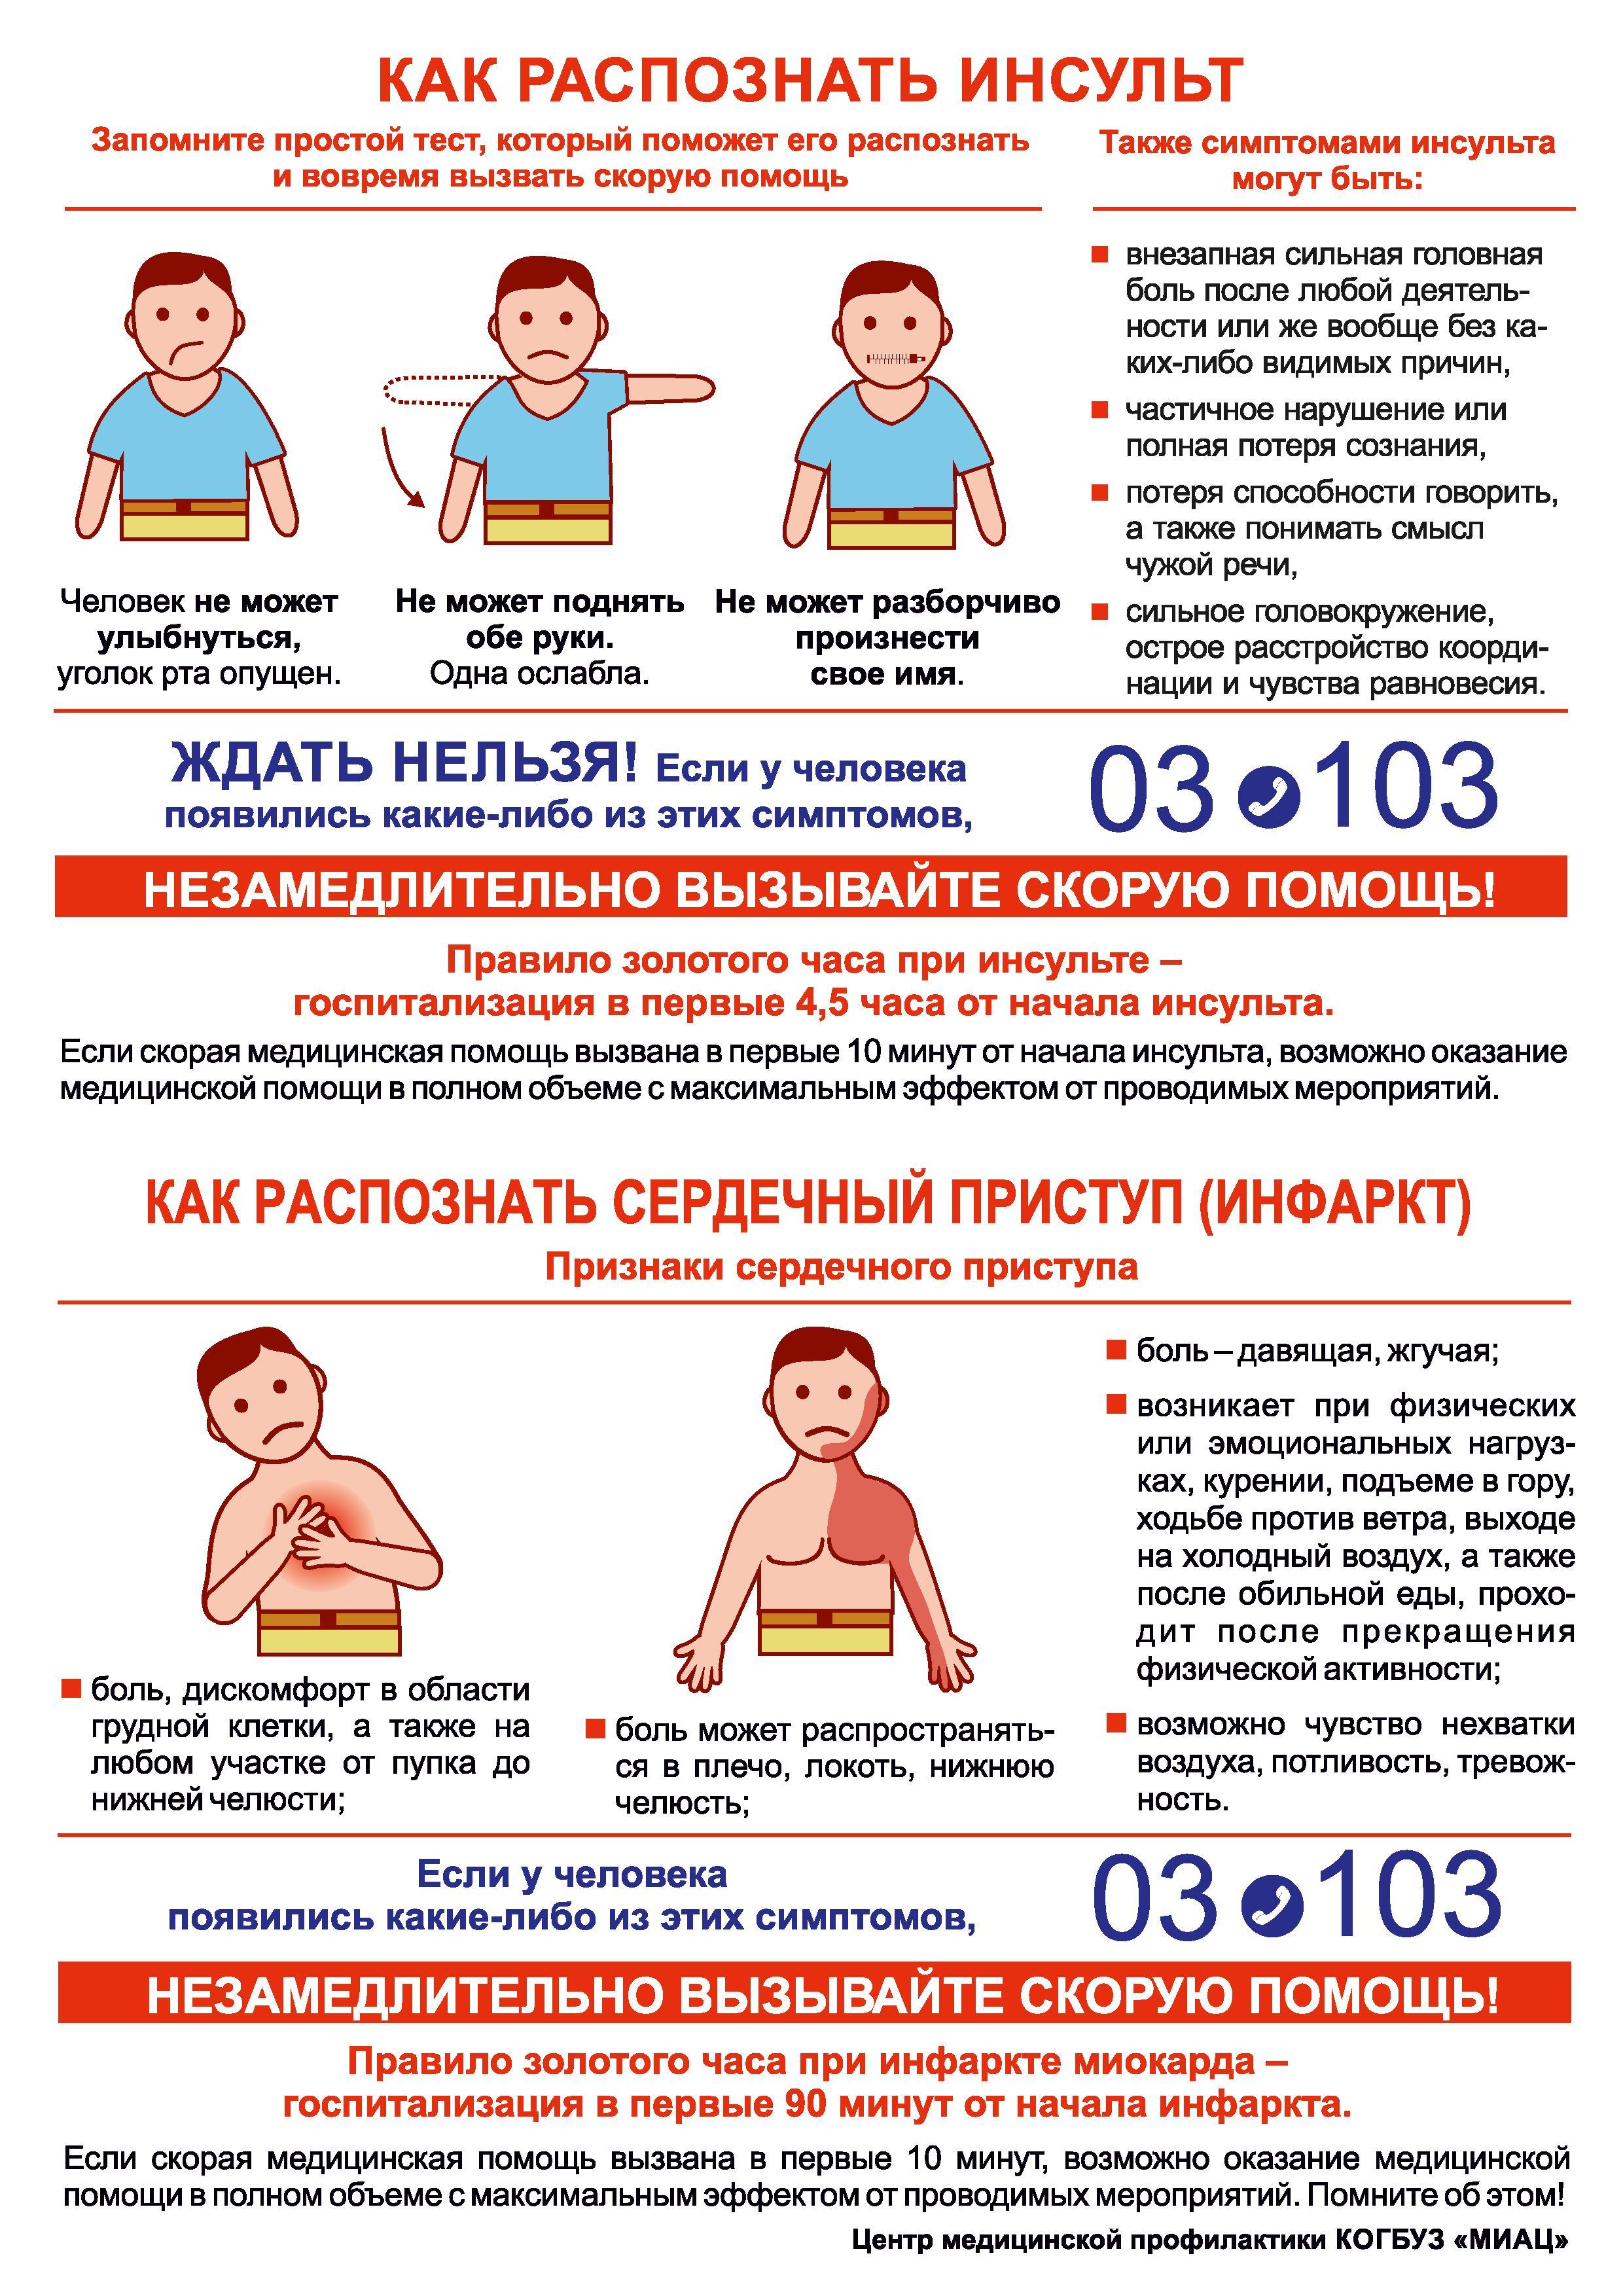 7fa216b964ab 7. Как распознать инсульт, сердечный приступ